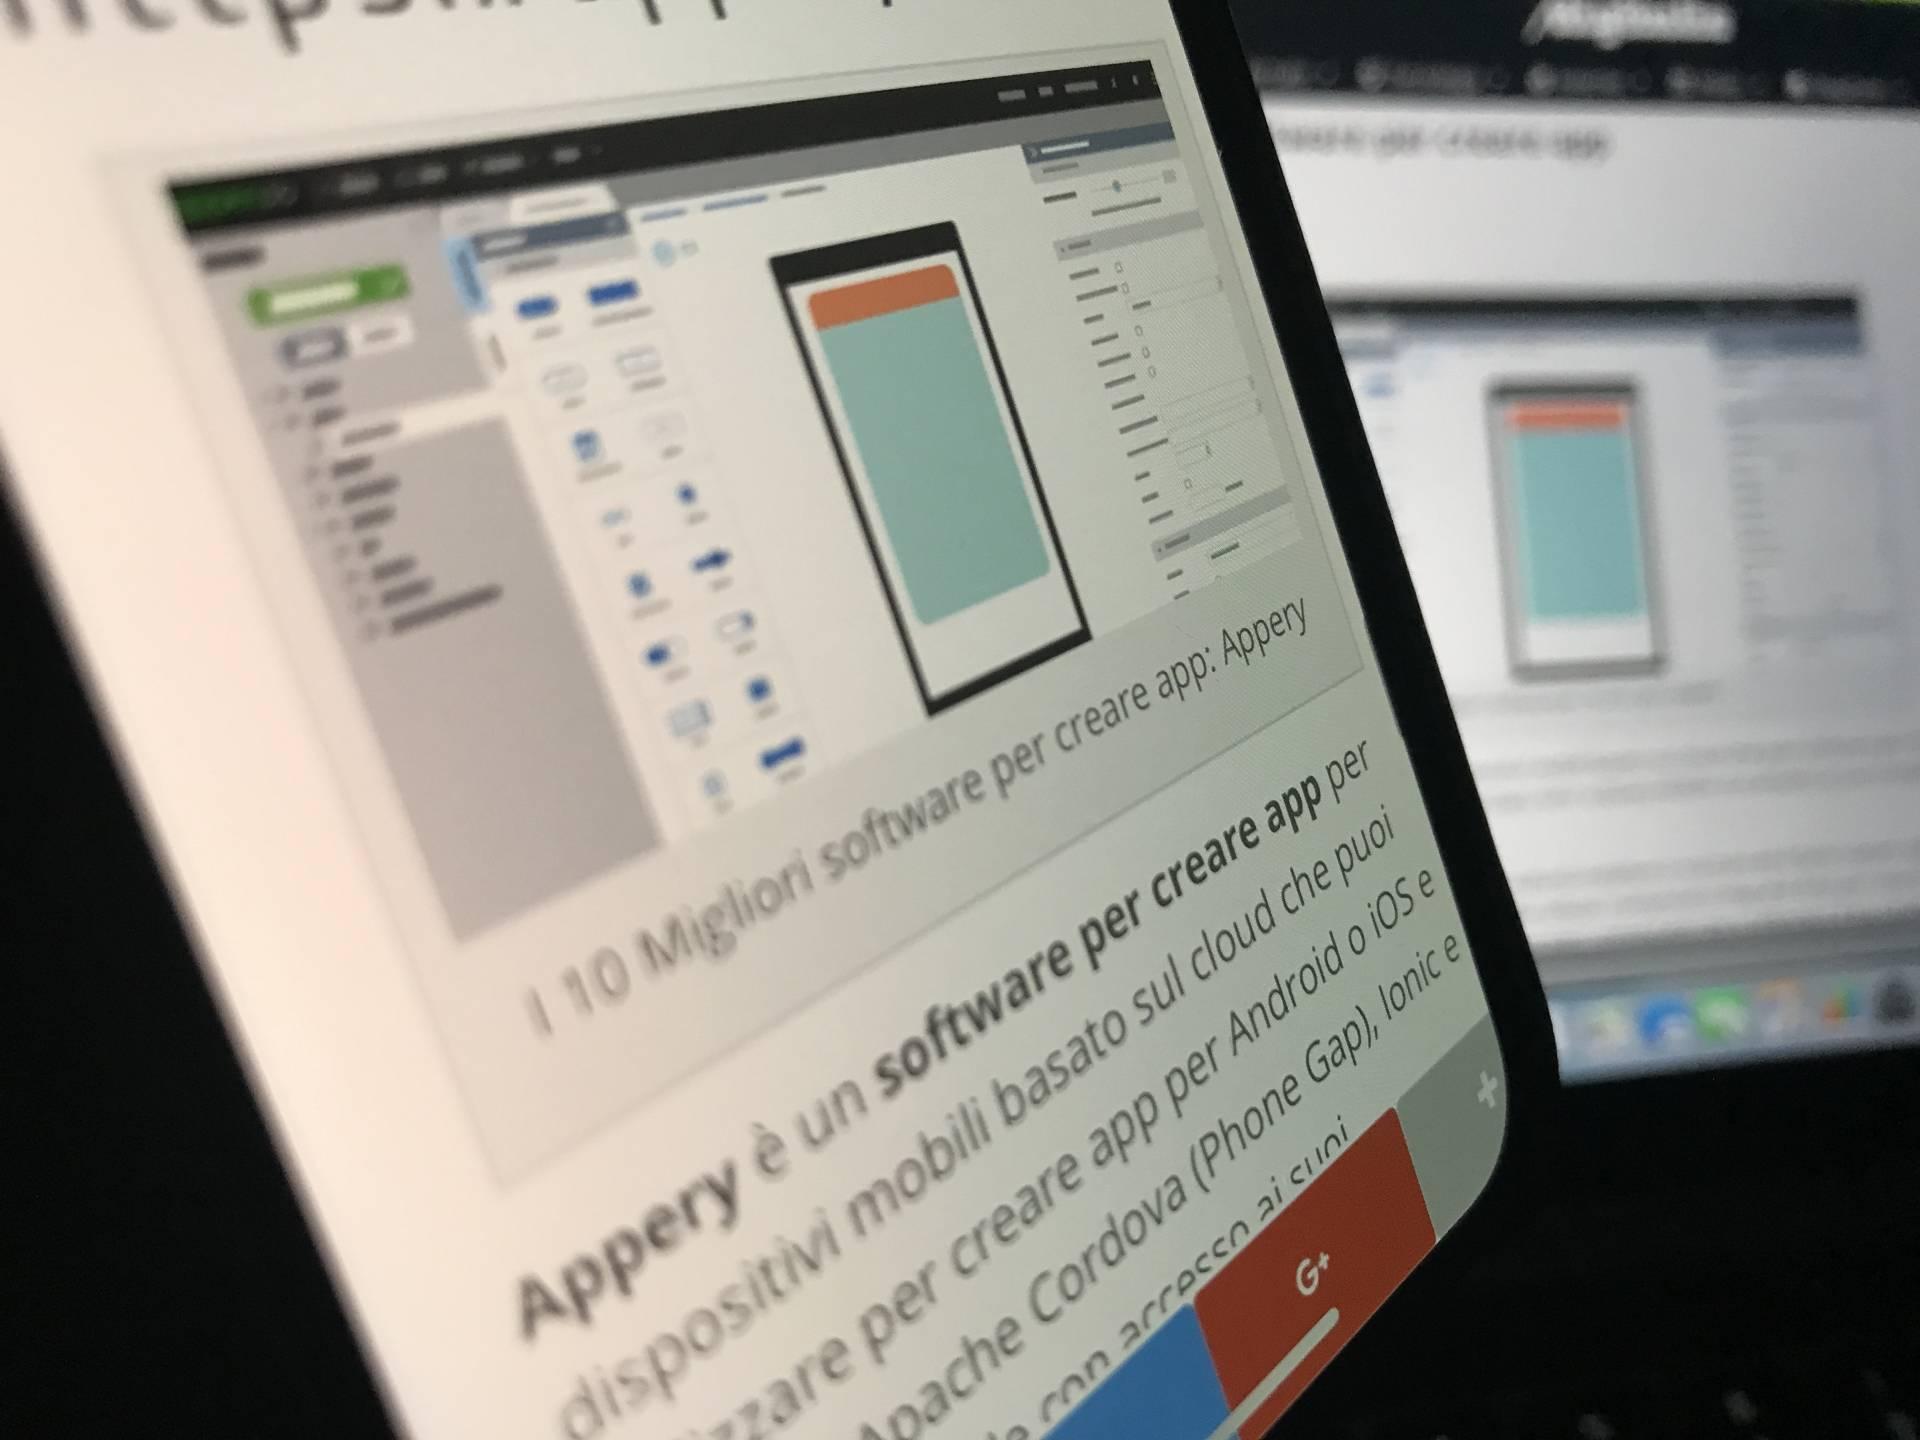 I 10 Migliori Software Per Creare App Senza Saper